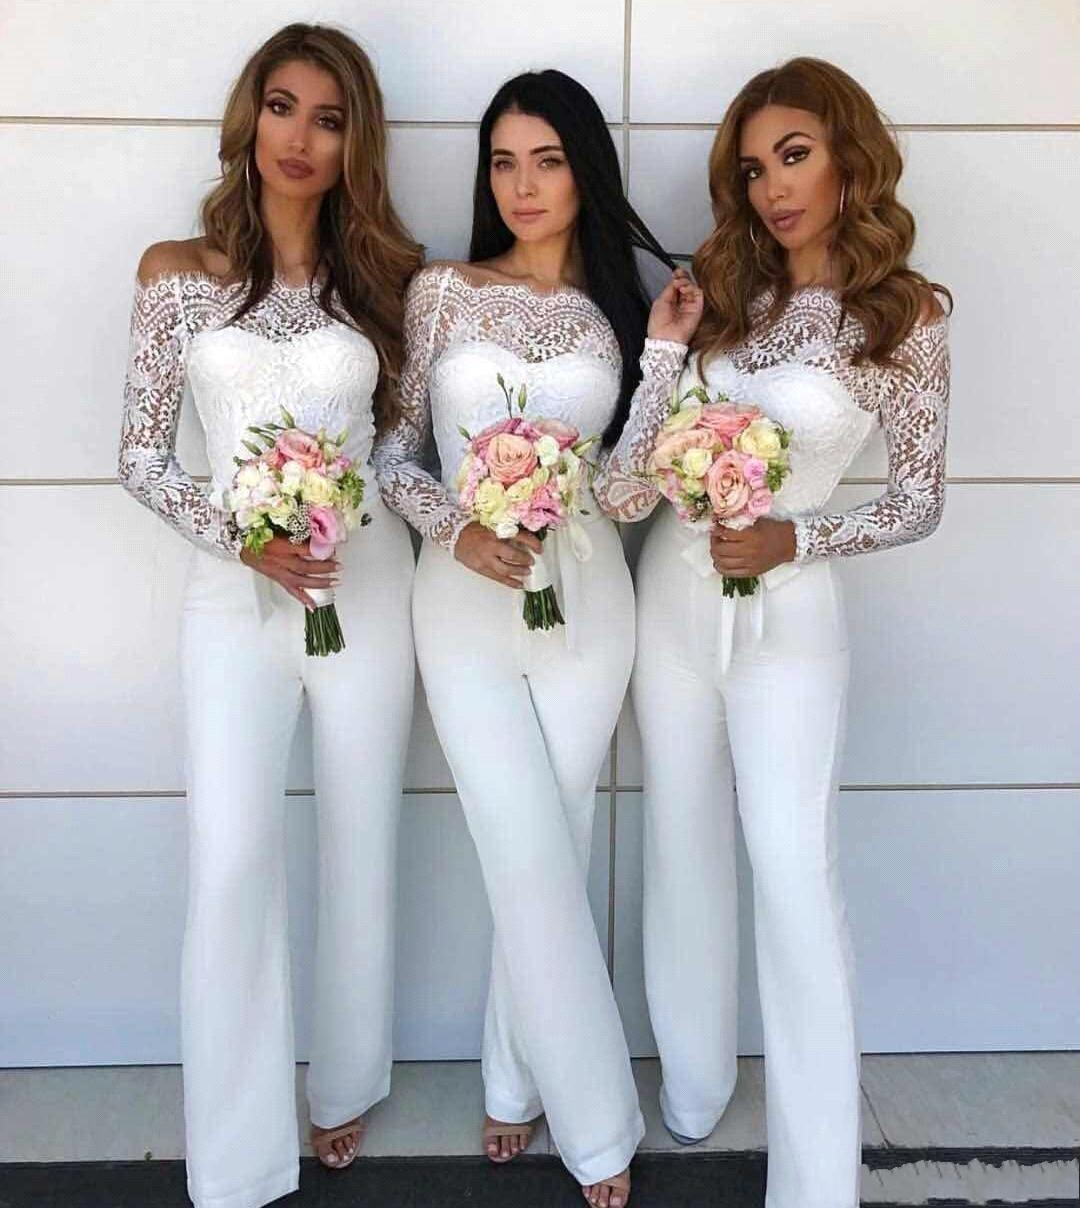 2020 Nuovo bianco sexy tuta da damigella d'onore per i vestiti Matrimoni fuori dalla spalla Mermaid maniche lunghe in pizzo Guaina Pantalone Tute Abiti da damigella d'onore